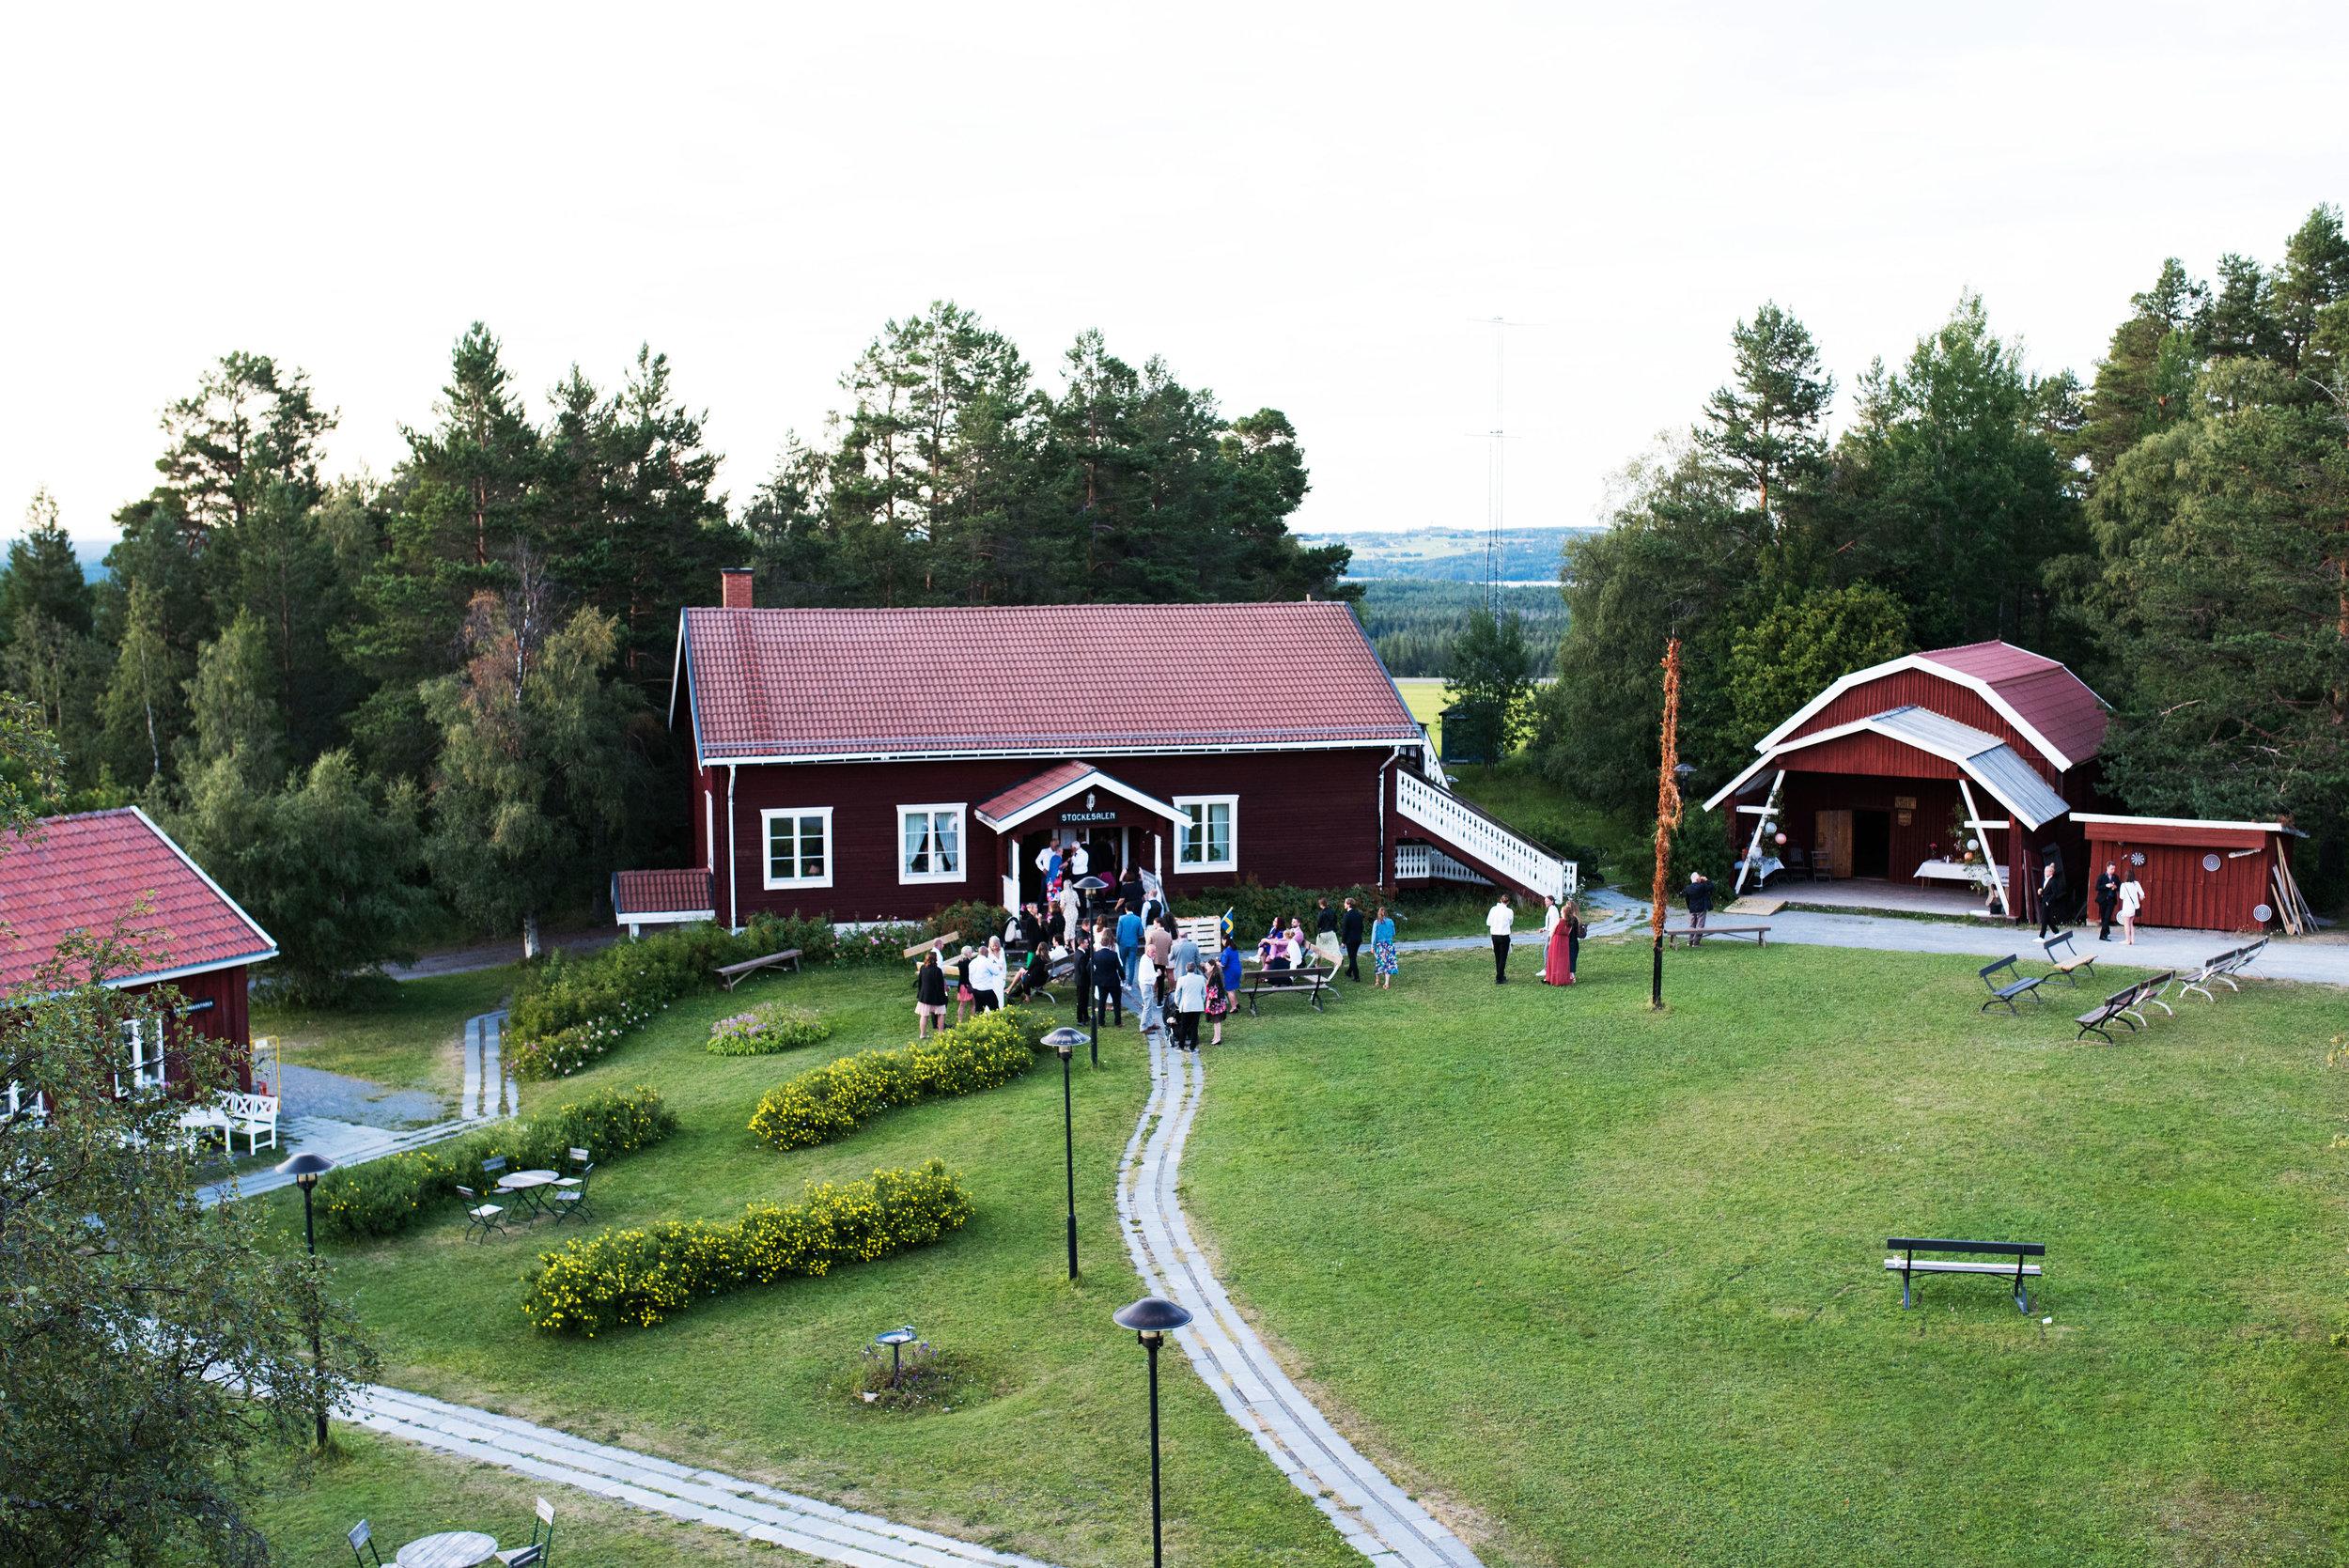 Bröllop2019lågkvall2-6331.jpg